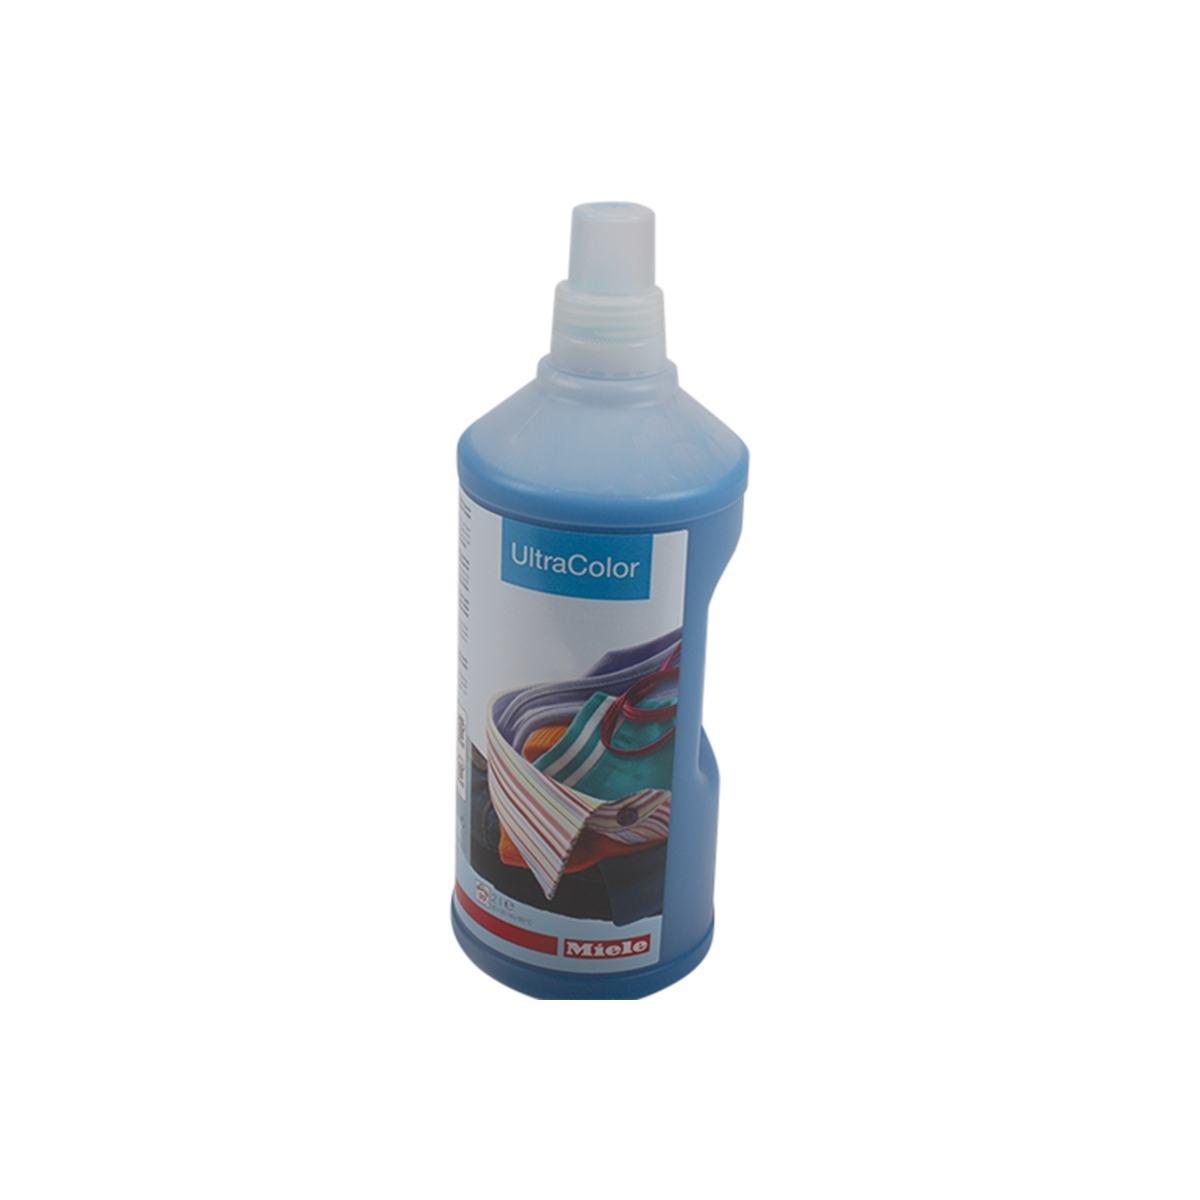 UltraColor vaskemiddel 2 ltr. - Miele